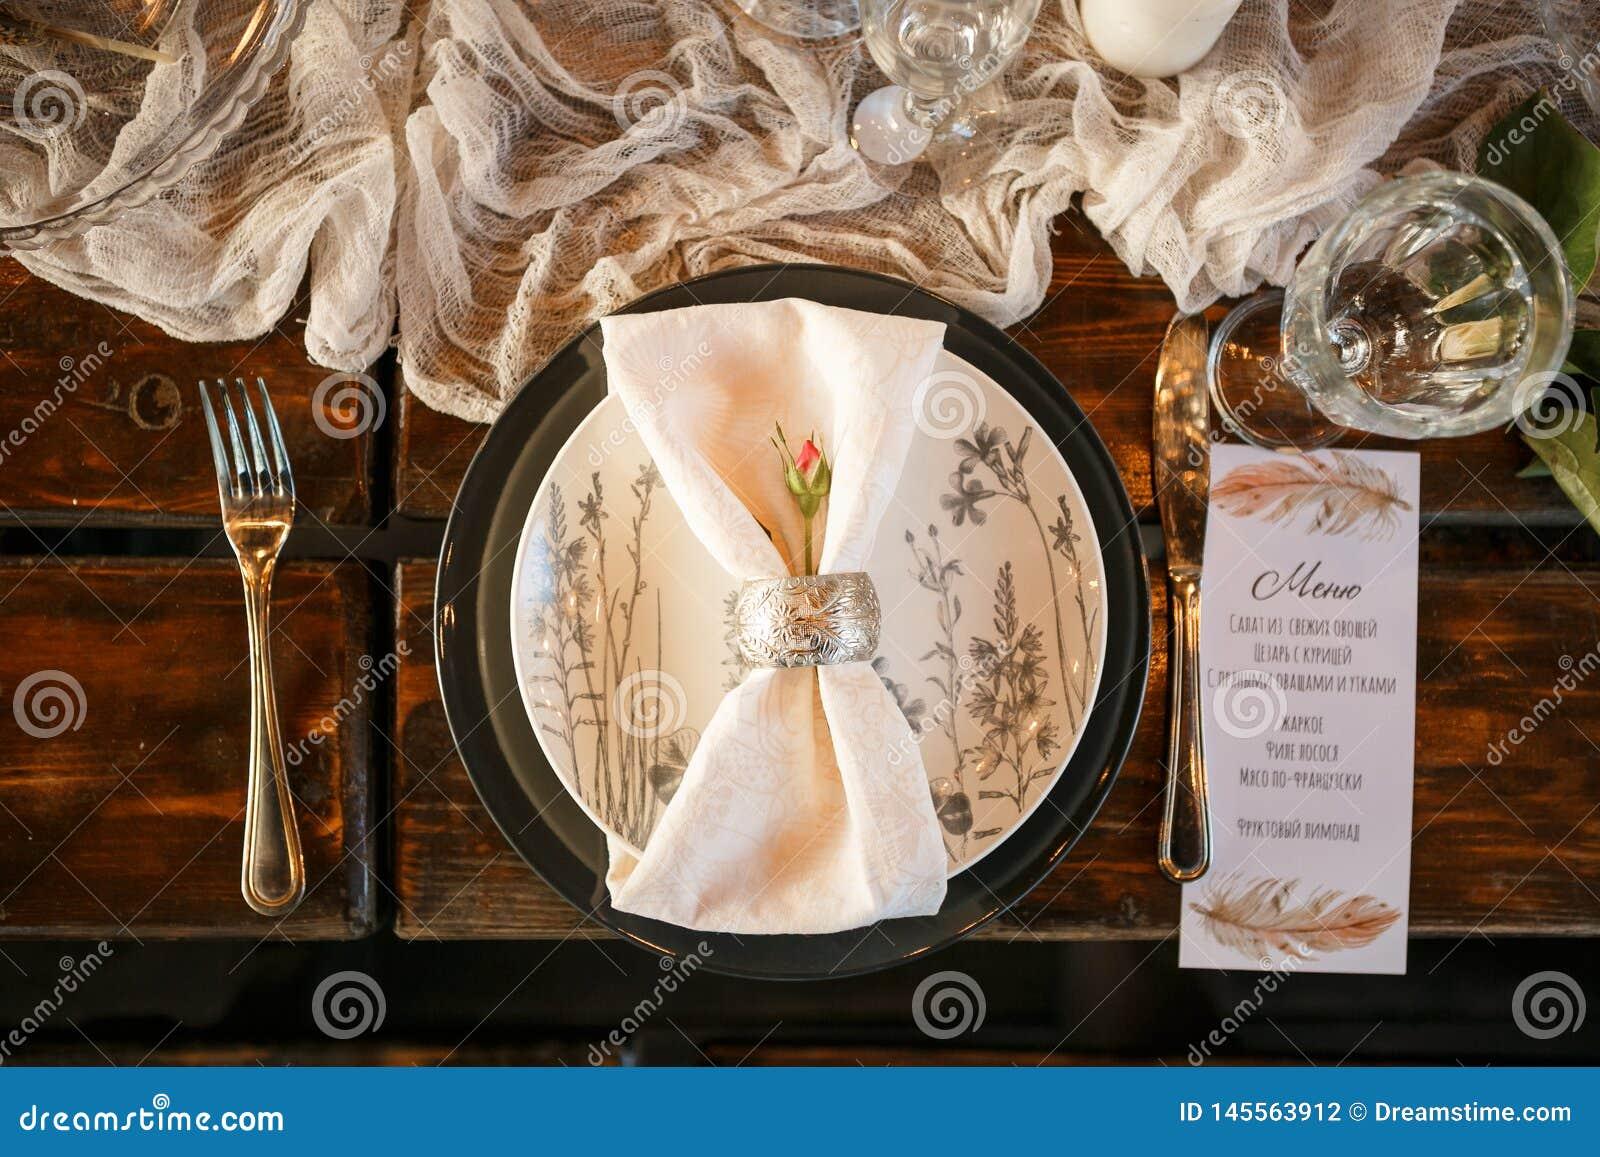 Stylish festive table setting